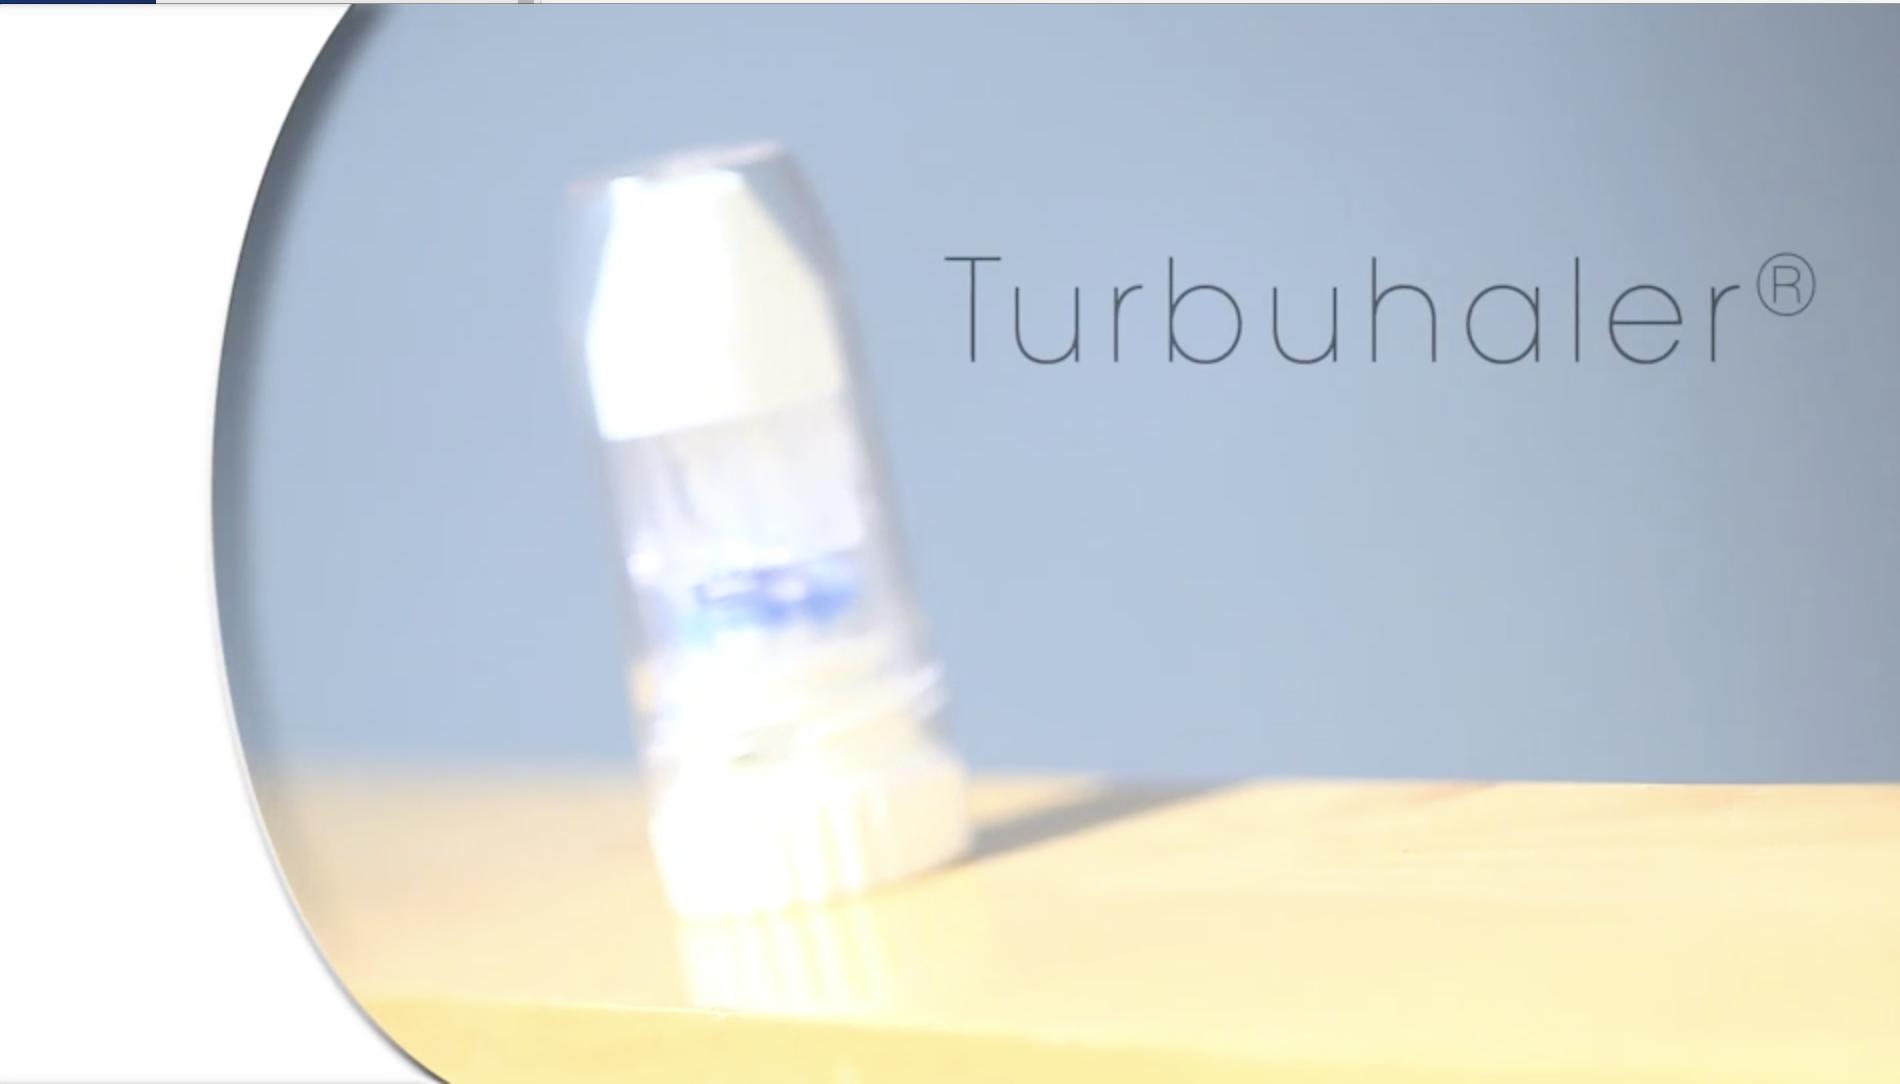 TurbuHaler®